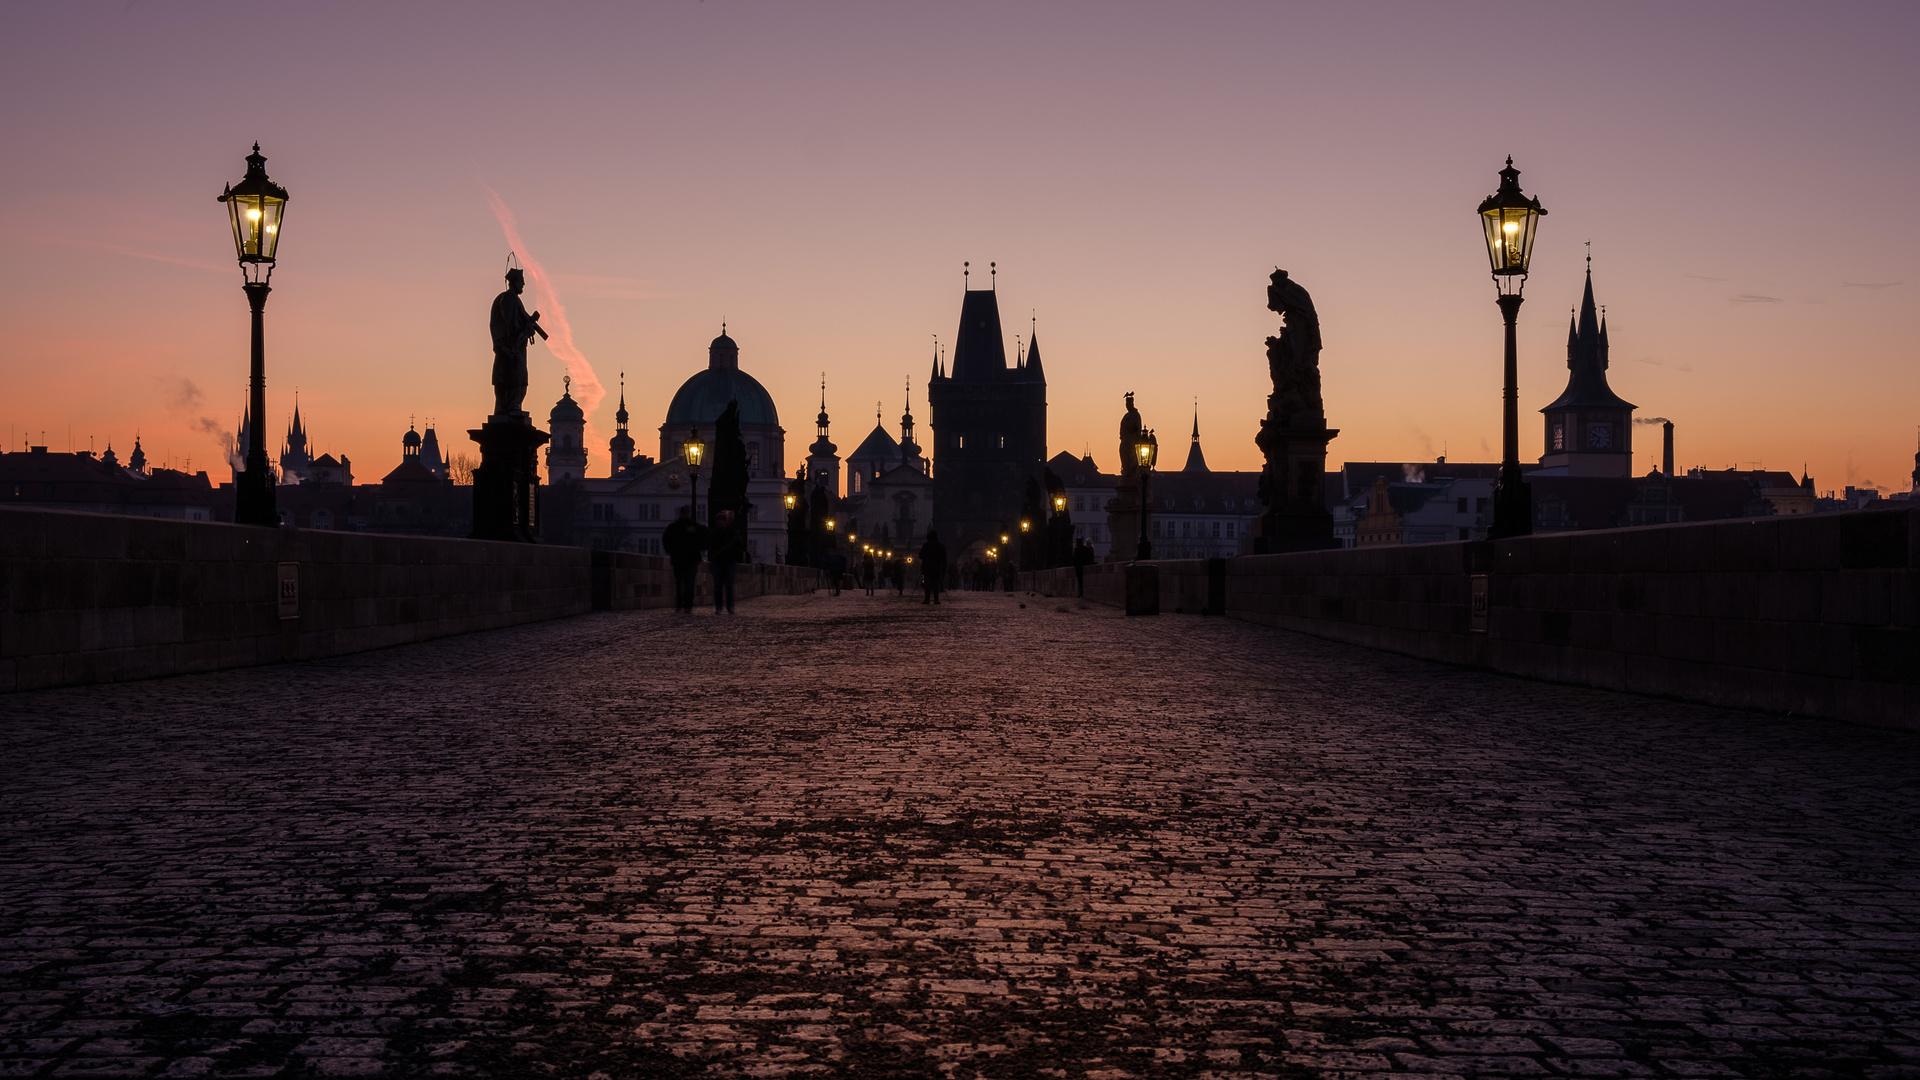 Sonnenaufgang über der Karlsbrücke in Prag